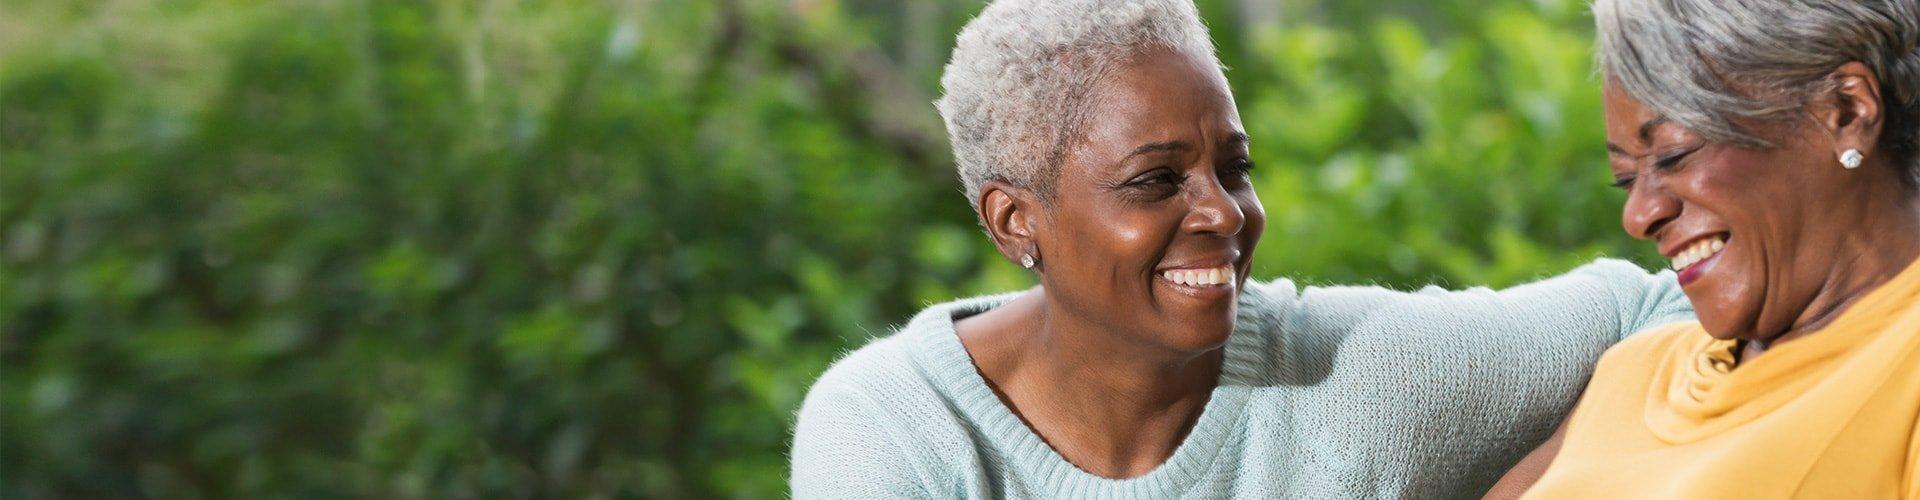 Zwei Frauen sprechen miteinander.Philips Hearing Solutions helfen besser zu hören. Und sich bestens zu verbinden.